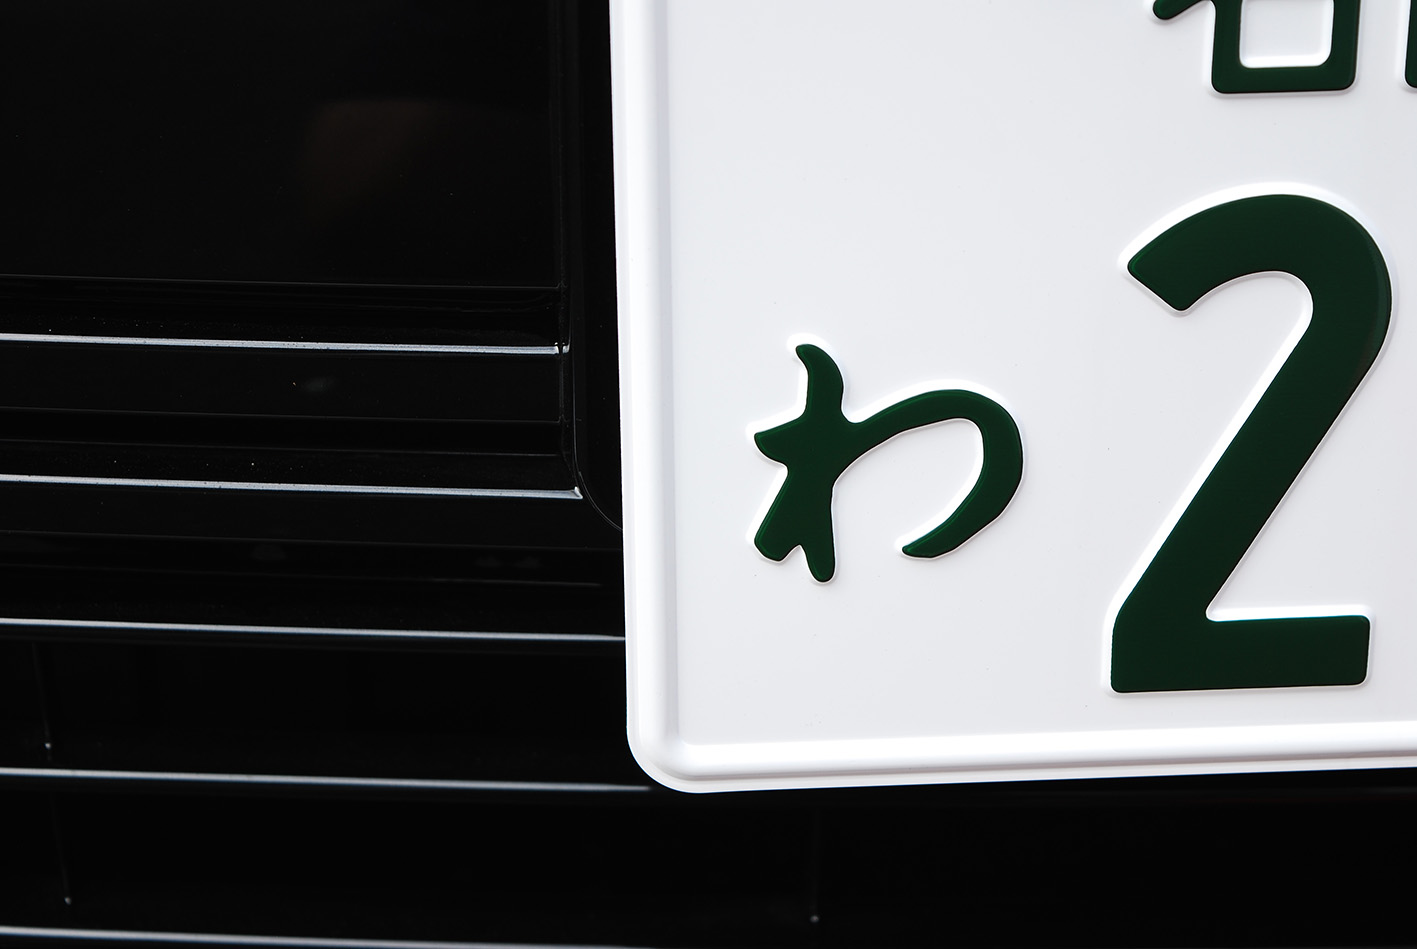 ナンバー プレート レンタカー